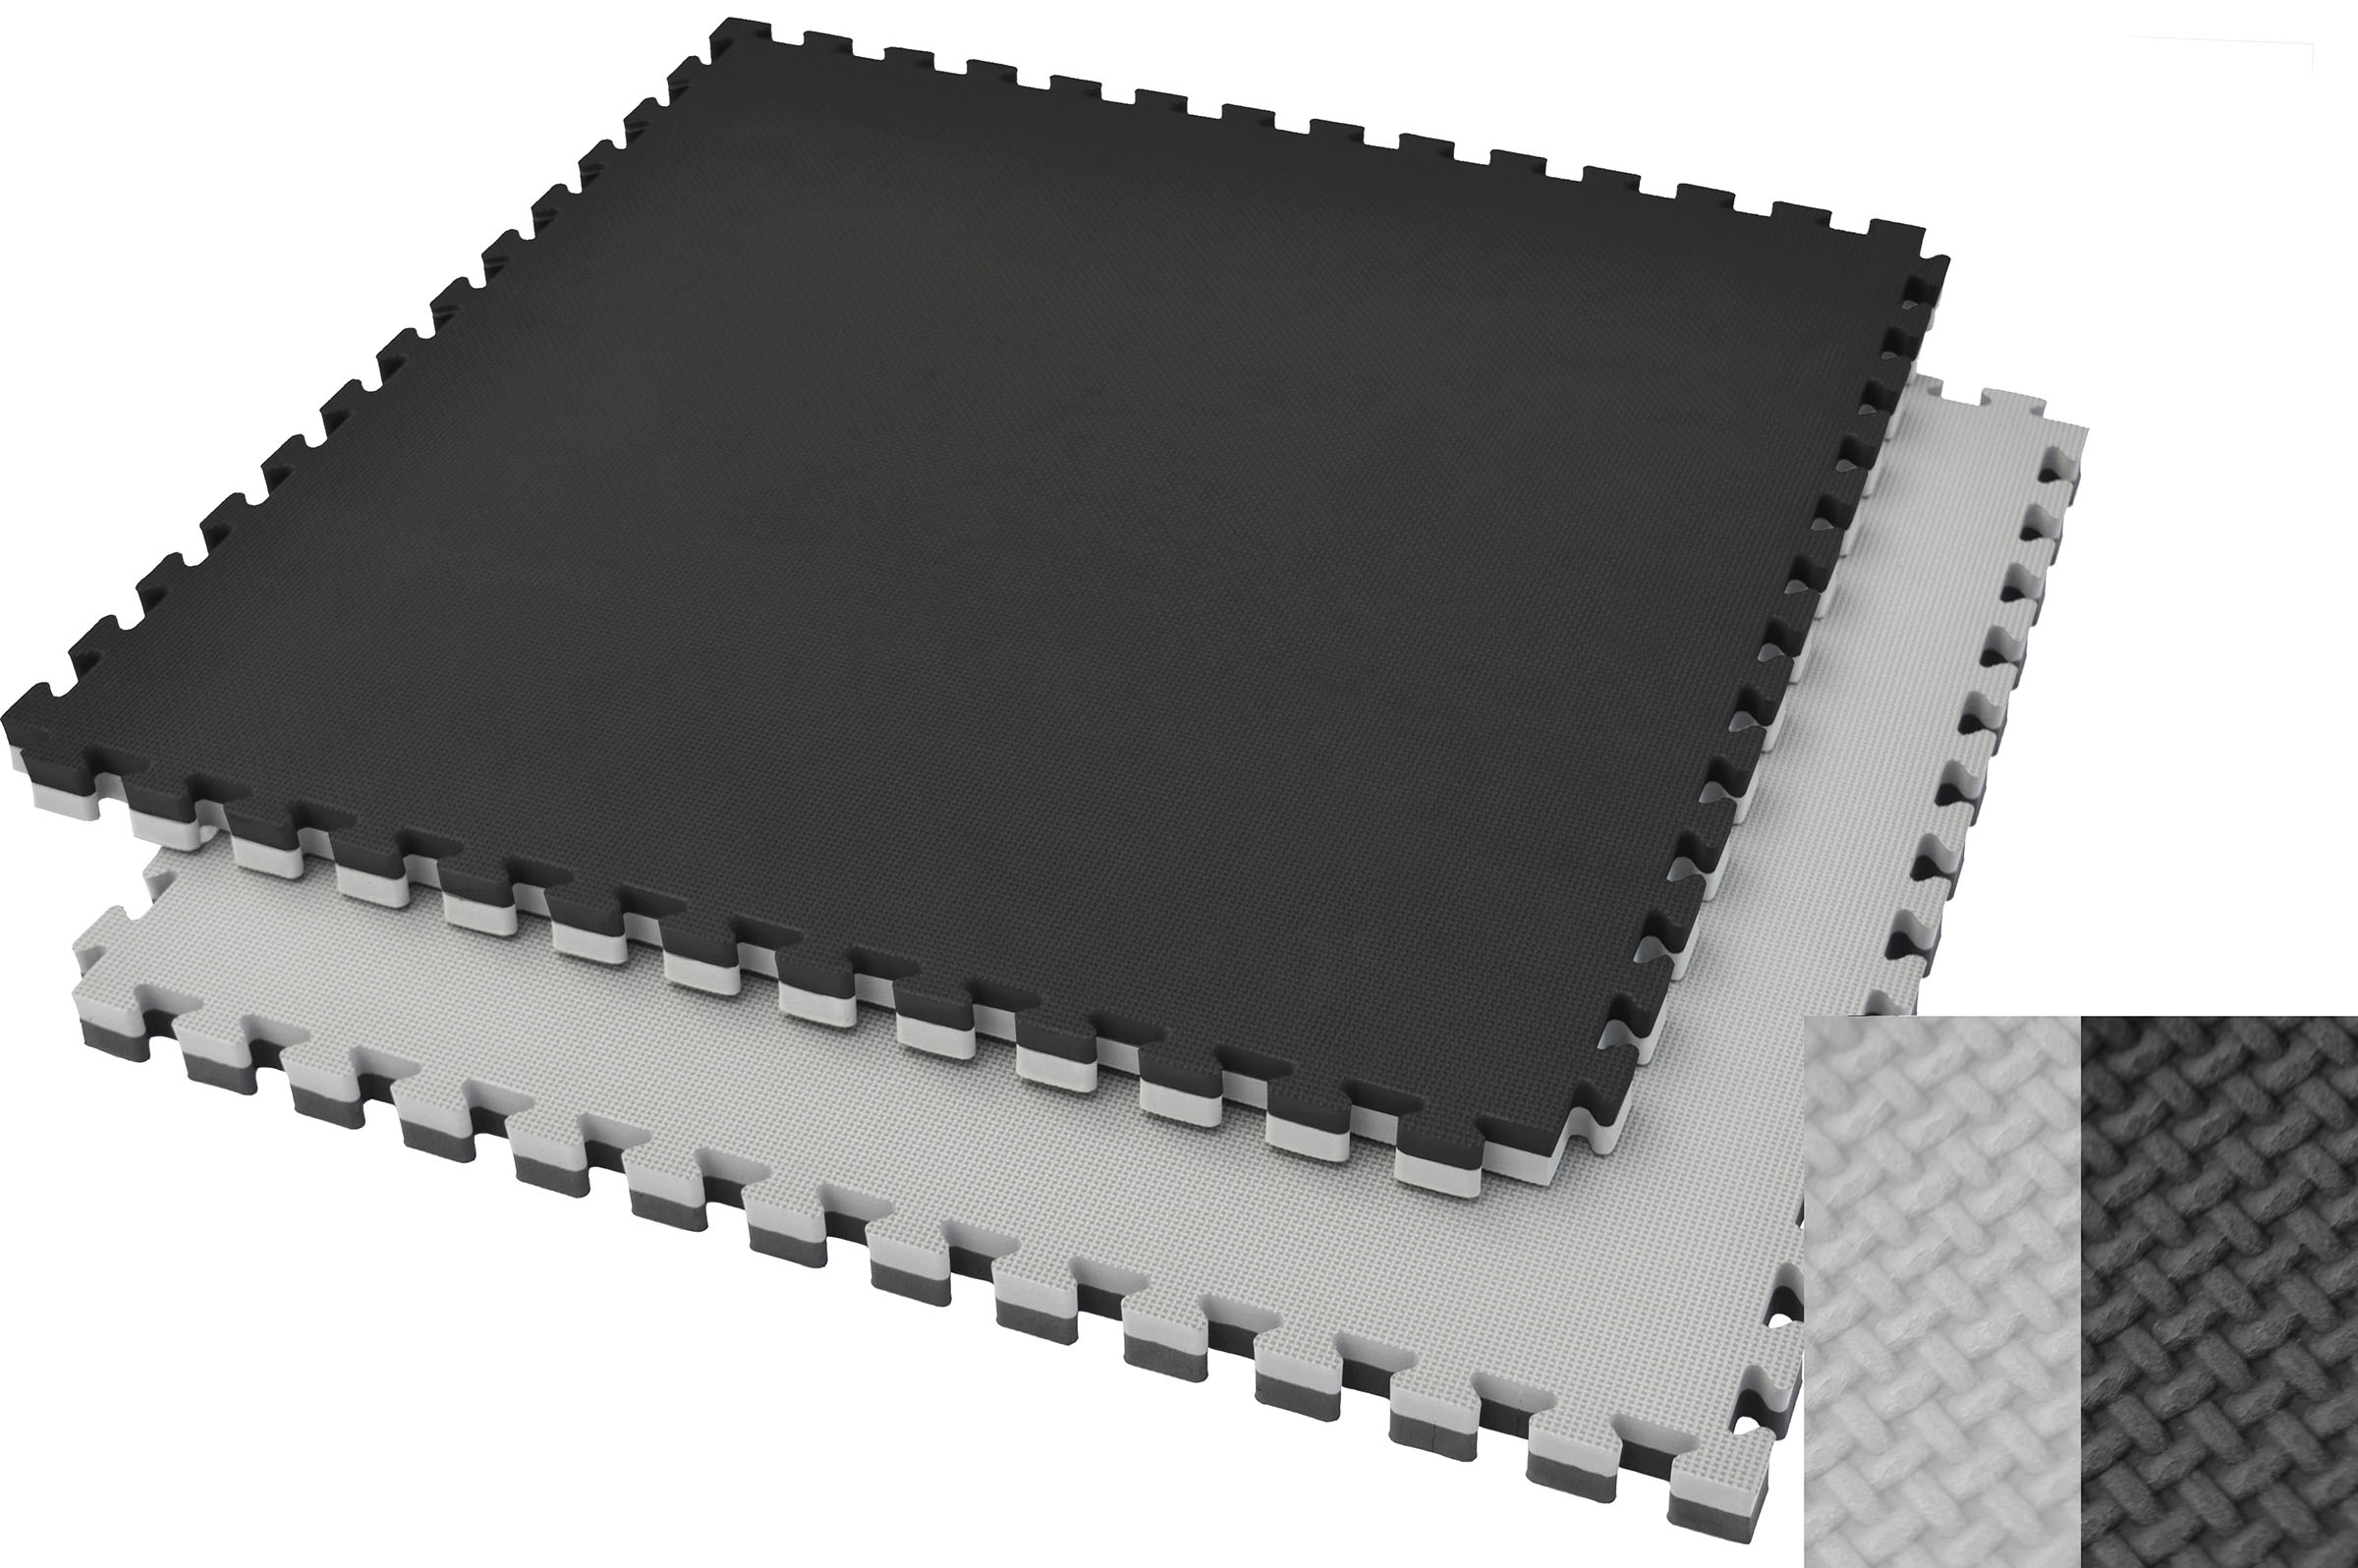 Puzzle Mat 4 cm, Black/Grey, T pattern